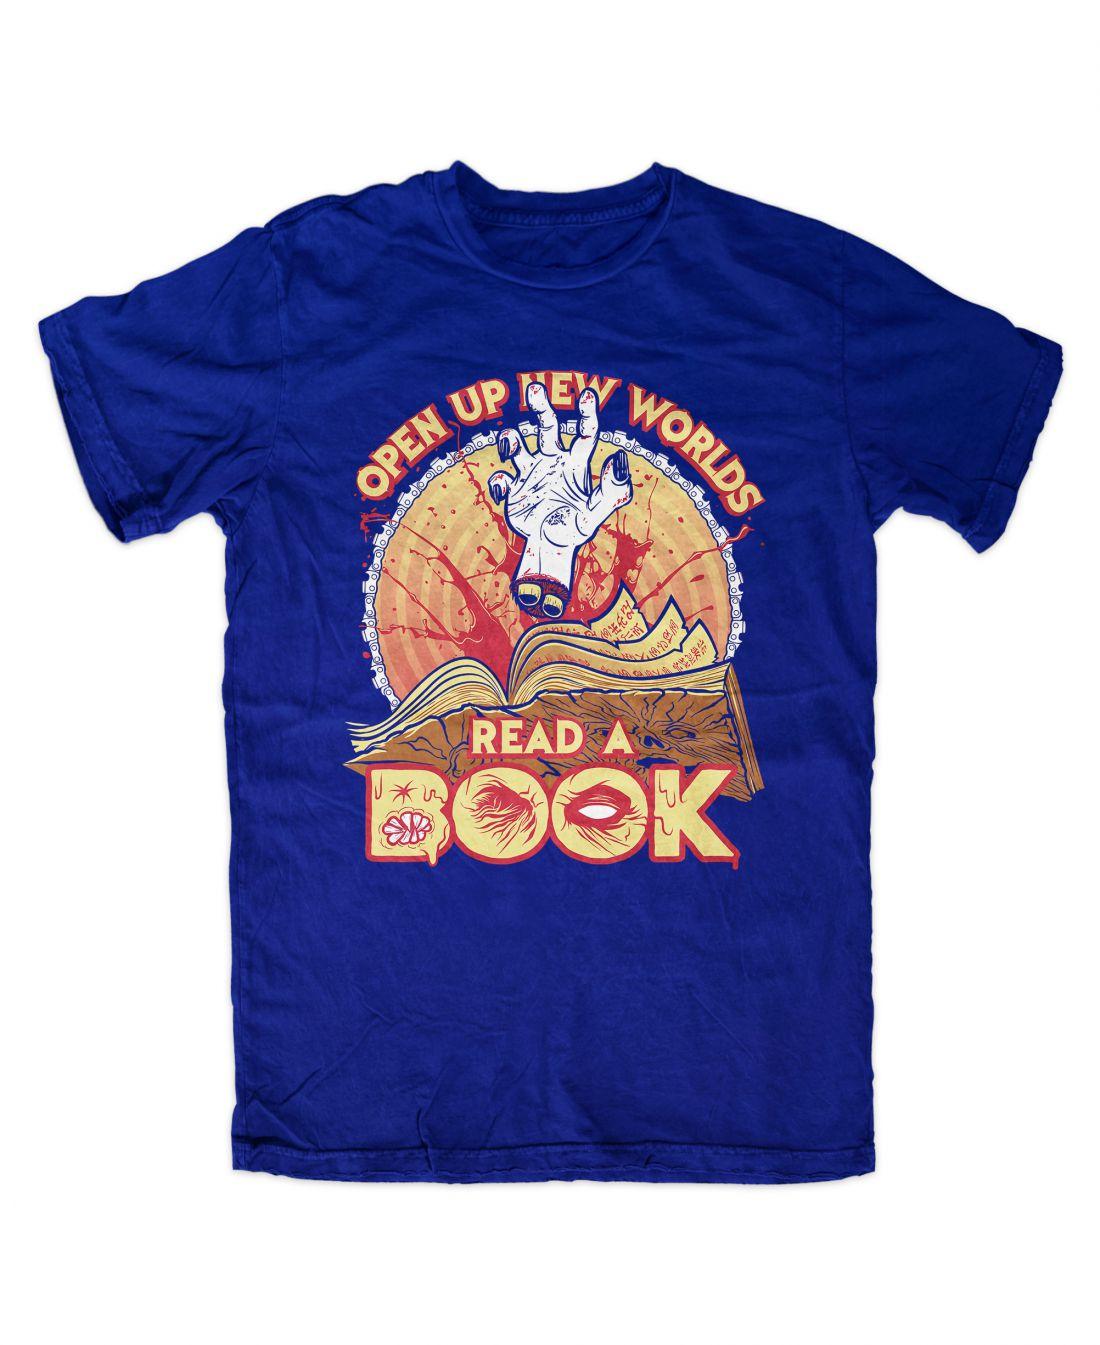 Read A Book (királykék póló)